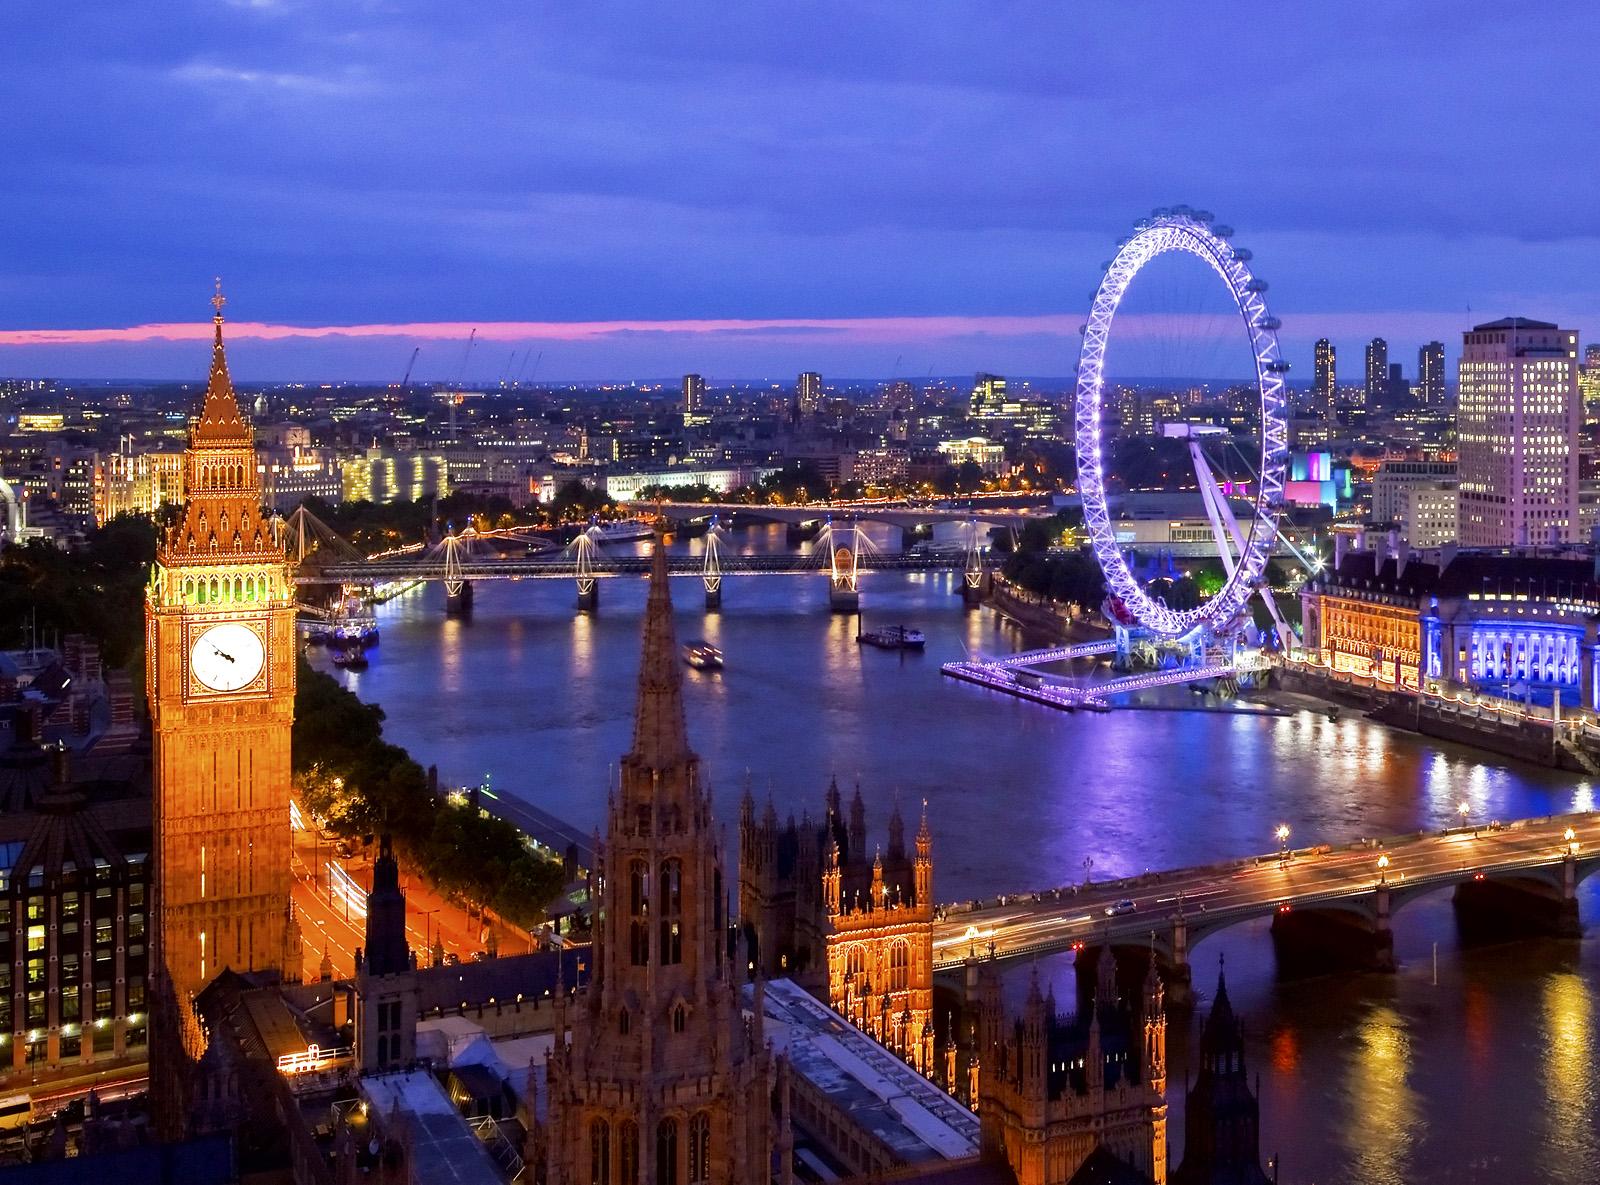 картинки лондона и его достопримечательности помощью серой